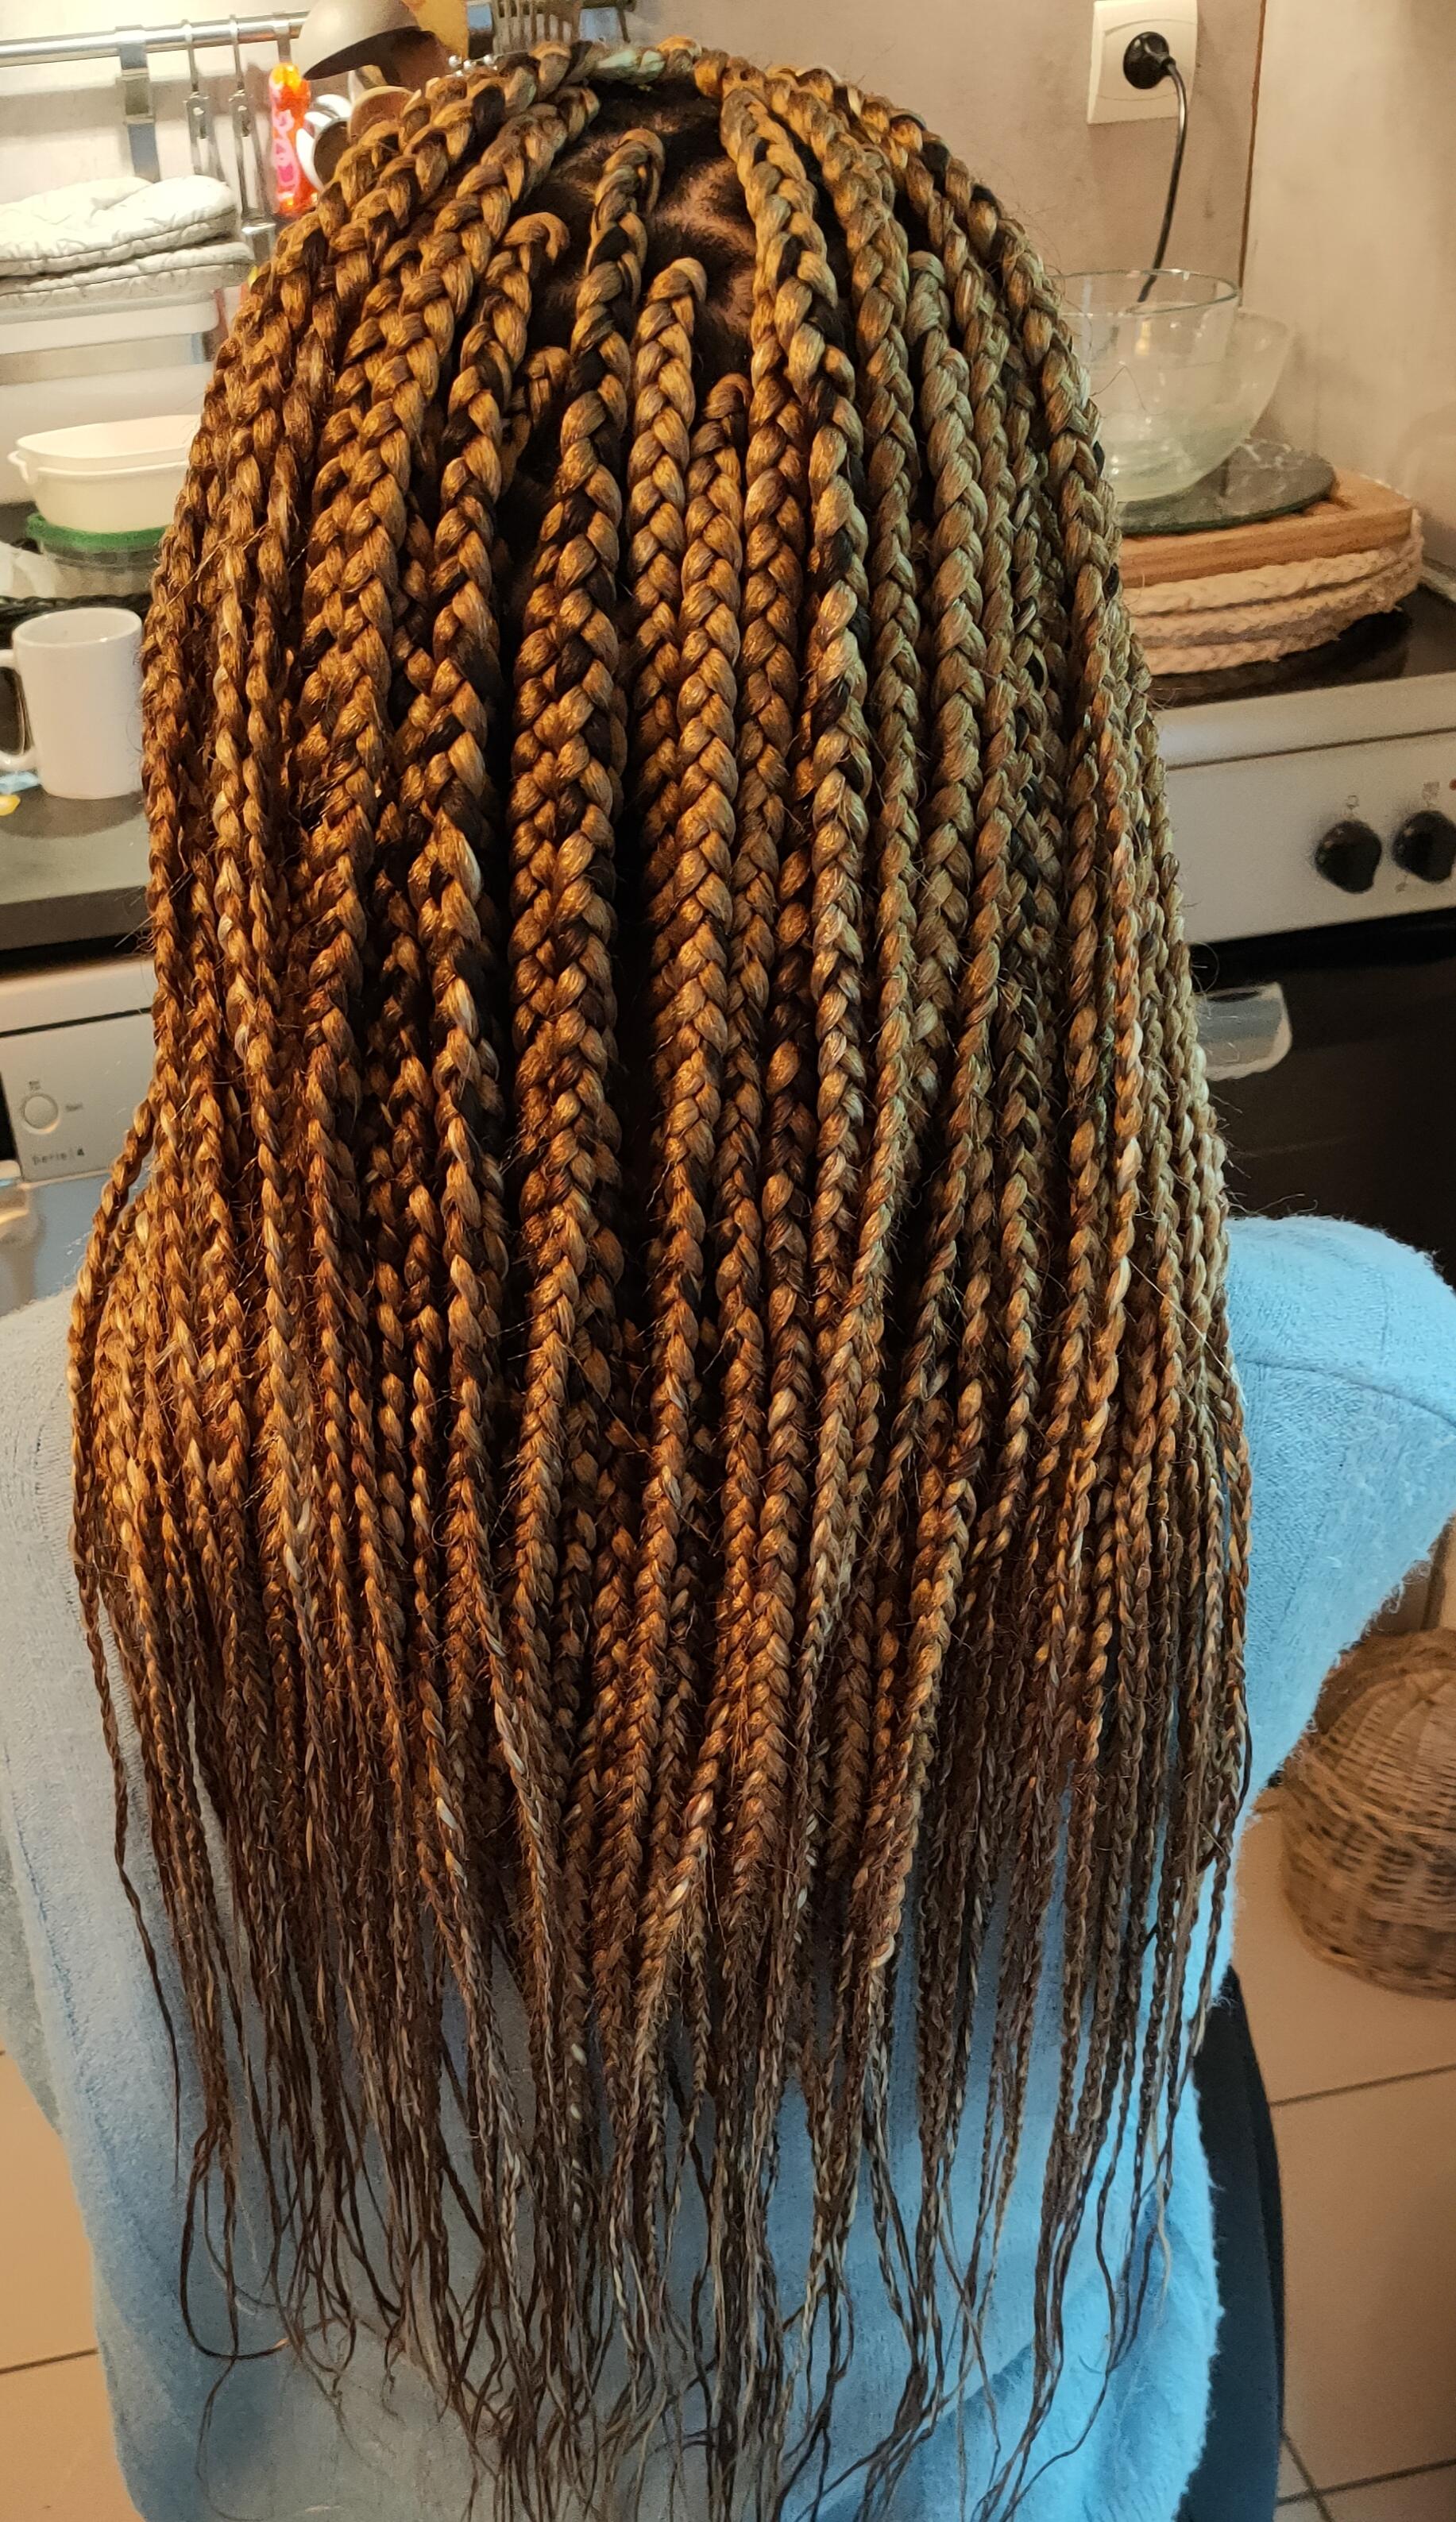 salon de coiffure afro tresse tresses box braids crochet braids vanilles tissages paris 75 77 78 91 92 93 94 95 ZRSUIFPG